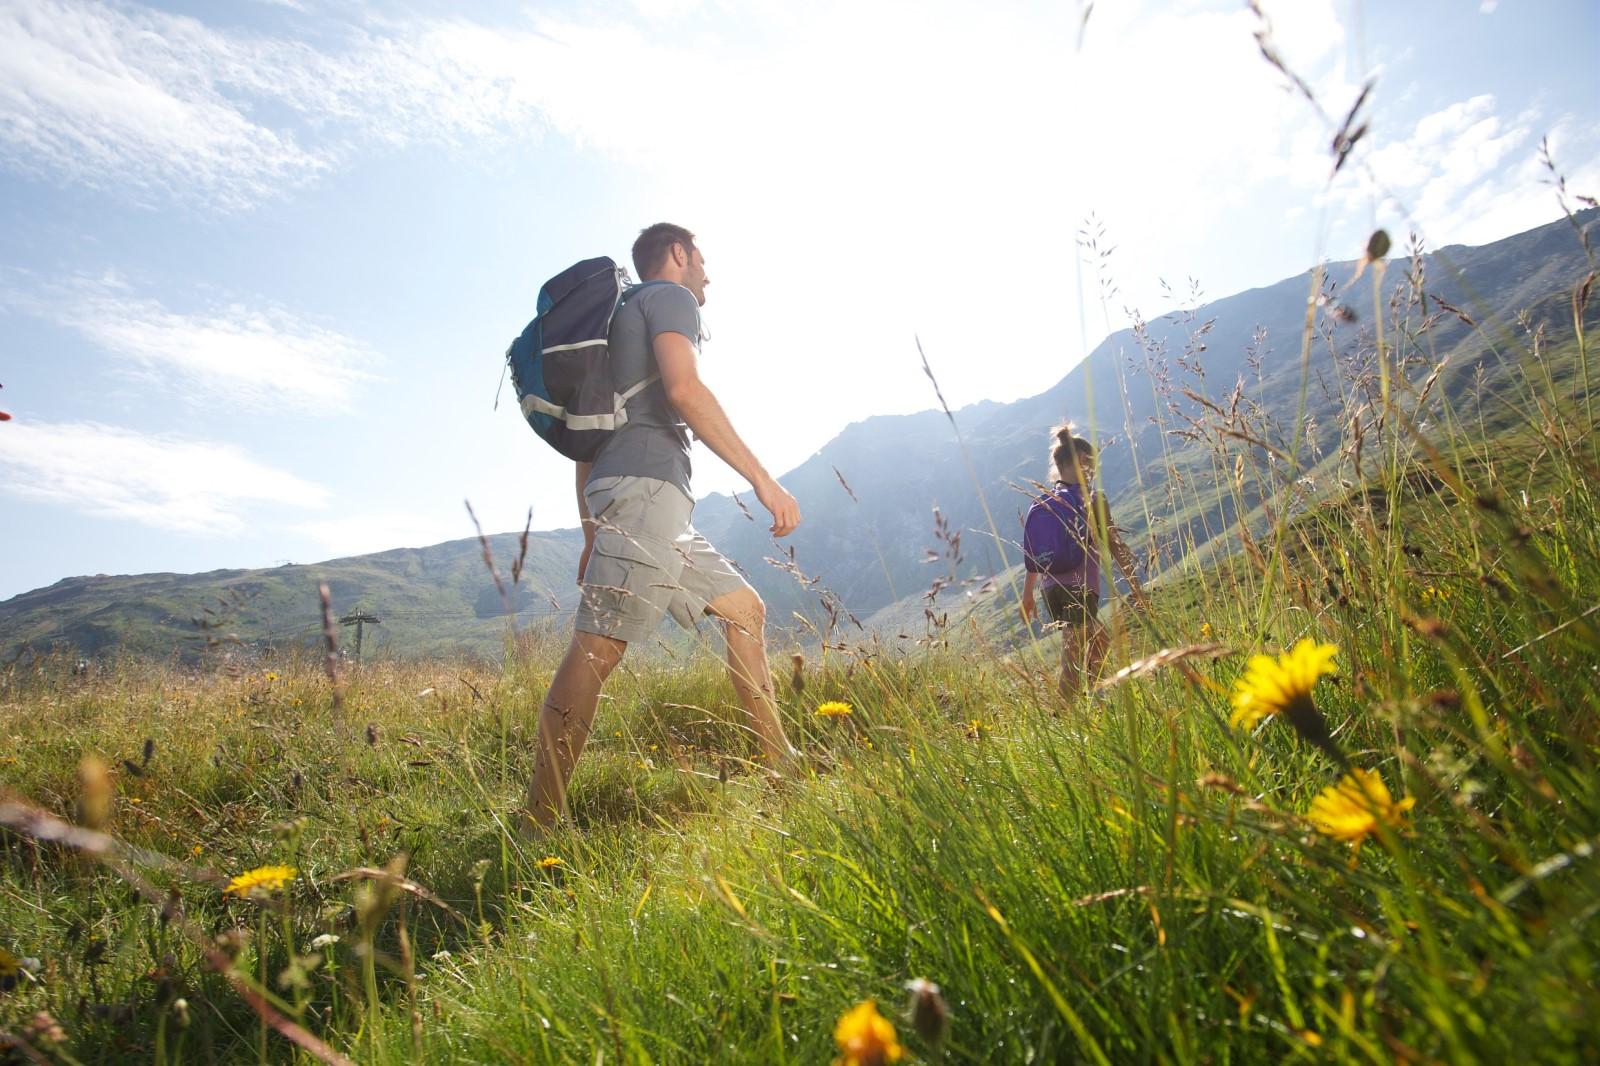 randonnée pédestre en Savoie, dans les Alpes